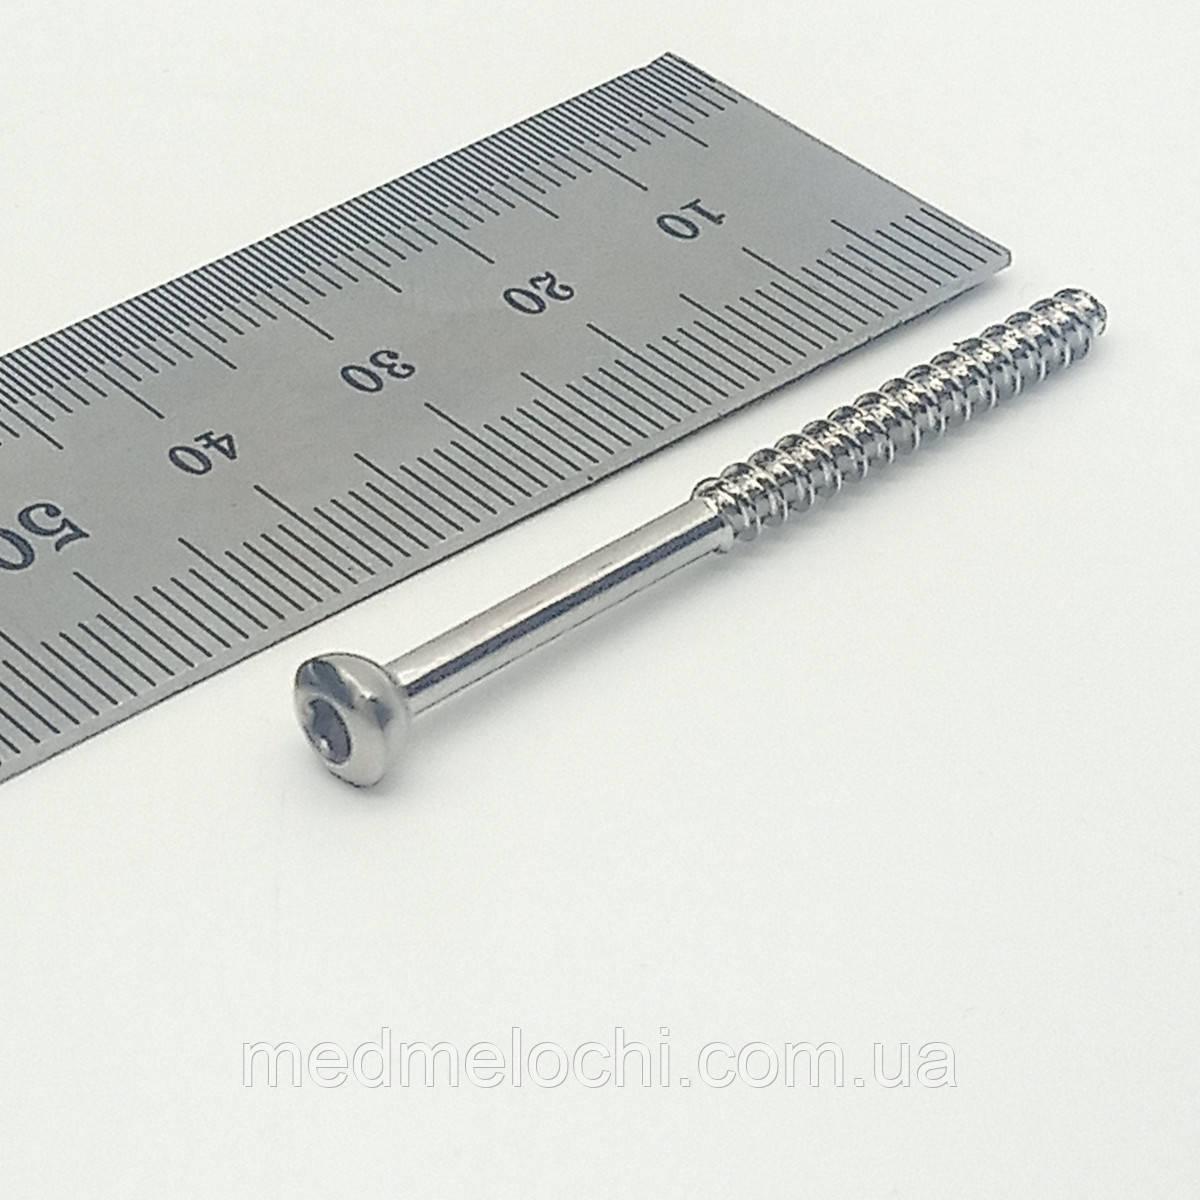 Гвинт малеолярний малий D=3,5мм, 50мм